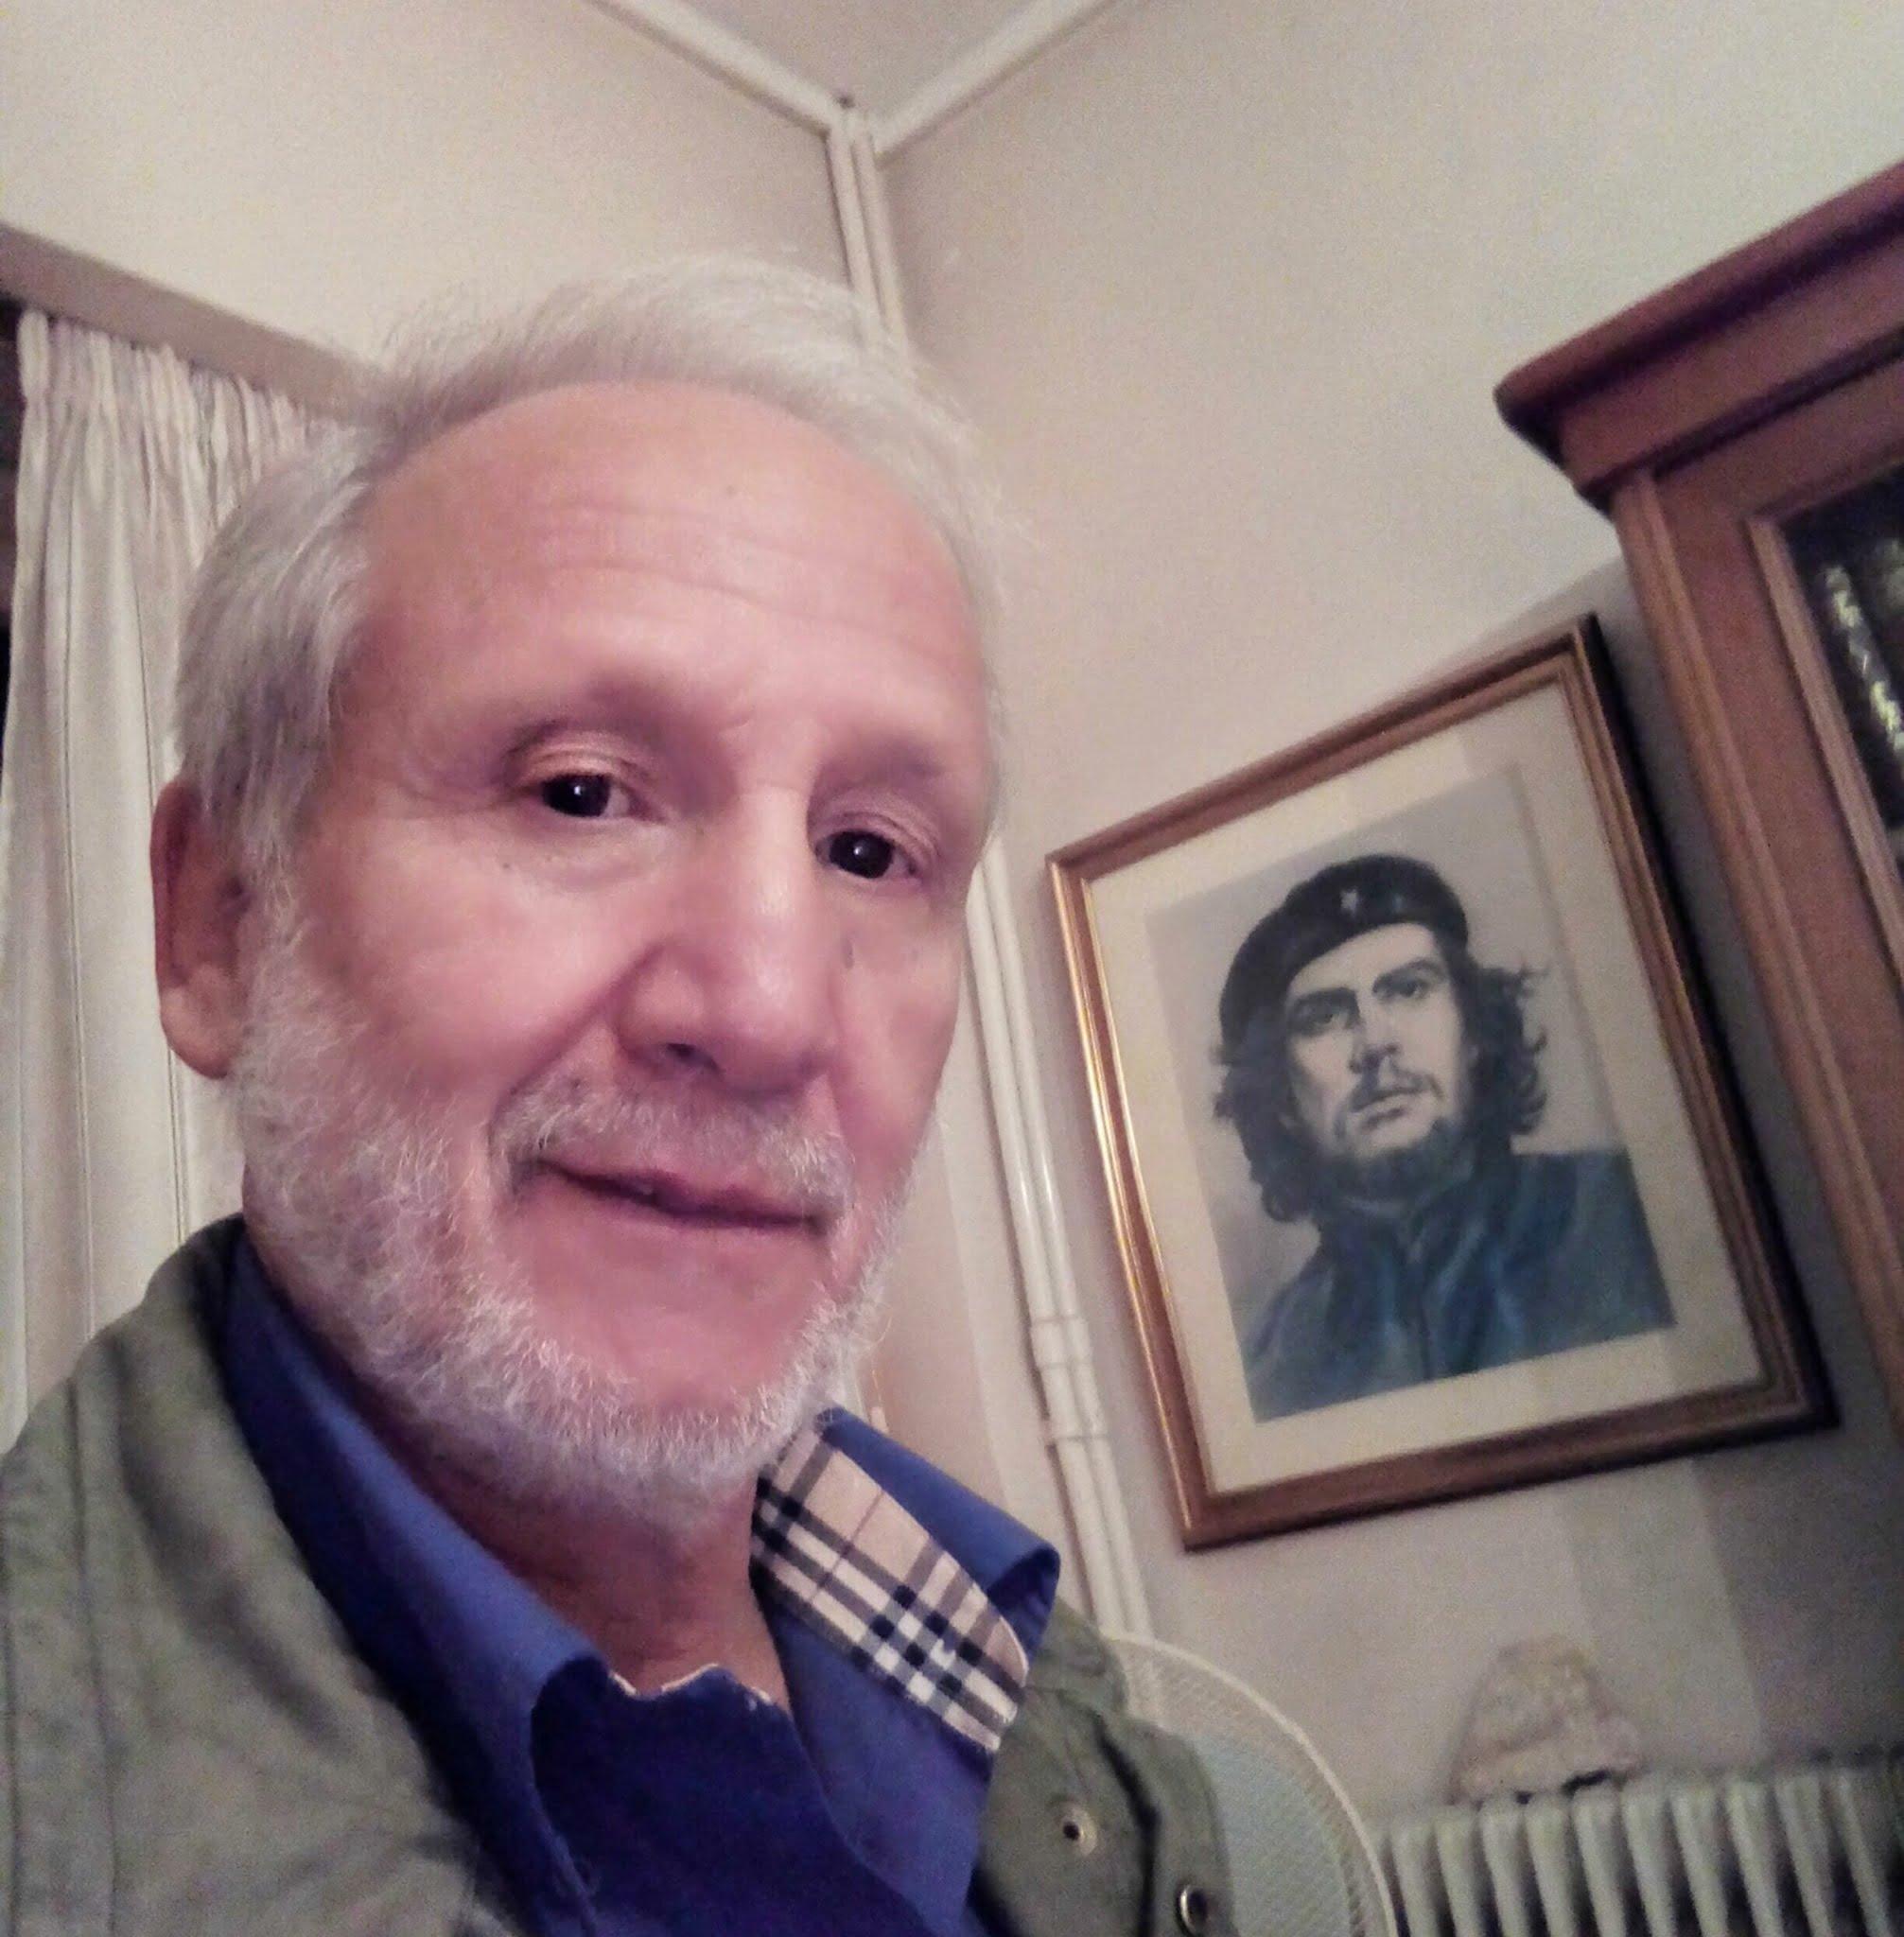 Η ΠΑΡΑΝΟΜΗ DE FACTO ΔΙΧΟΤΌΜΗΣΗ ΤΟΥ ΑΙΓΑΙΟΥ. Η μεγάλη αυταπάτη της Κυβέρνησης και των Αστικών Κομμάτων ότι τάχα η ΕΕ θα προστατεύσει τα κυριαρχικά δικαιώματα της Ελλάδας!!. Γράφει ο δημοσιογράφος Ανδρέας Καπογιάννης